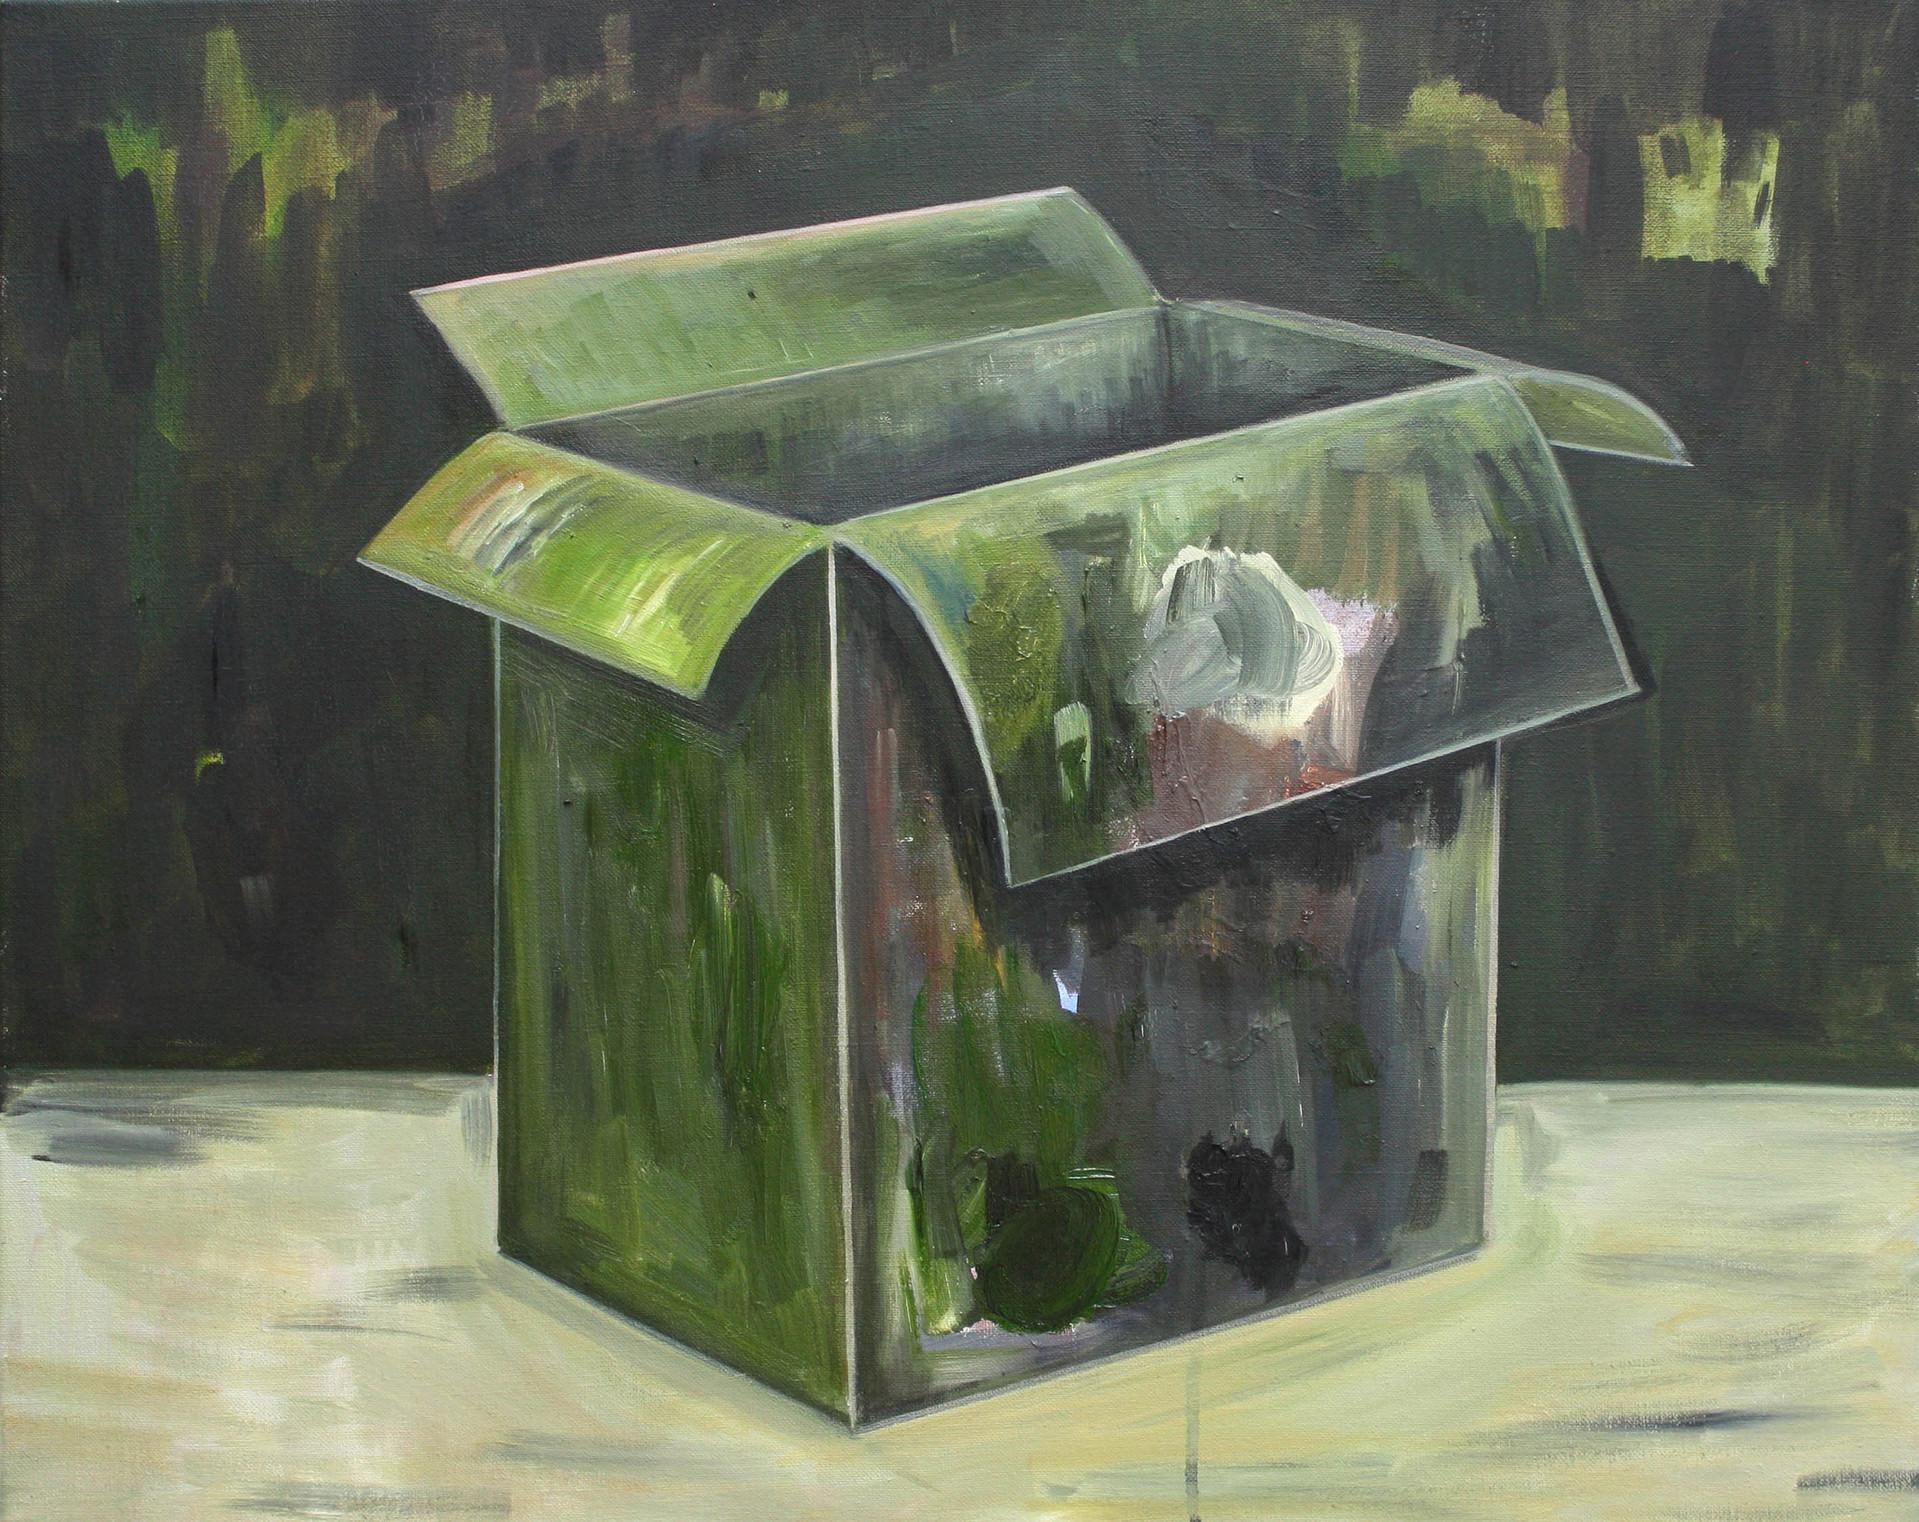 schachtel #02 - 2011 - öl auf leinwand - 60 x 75 cm